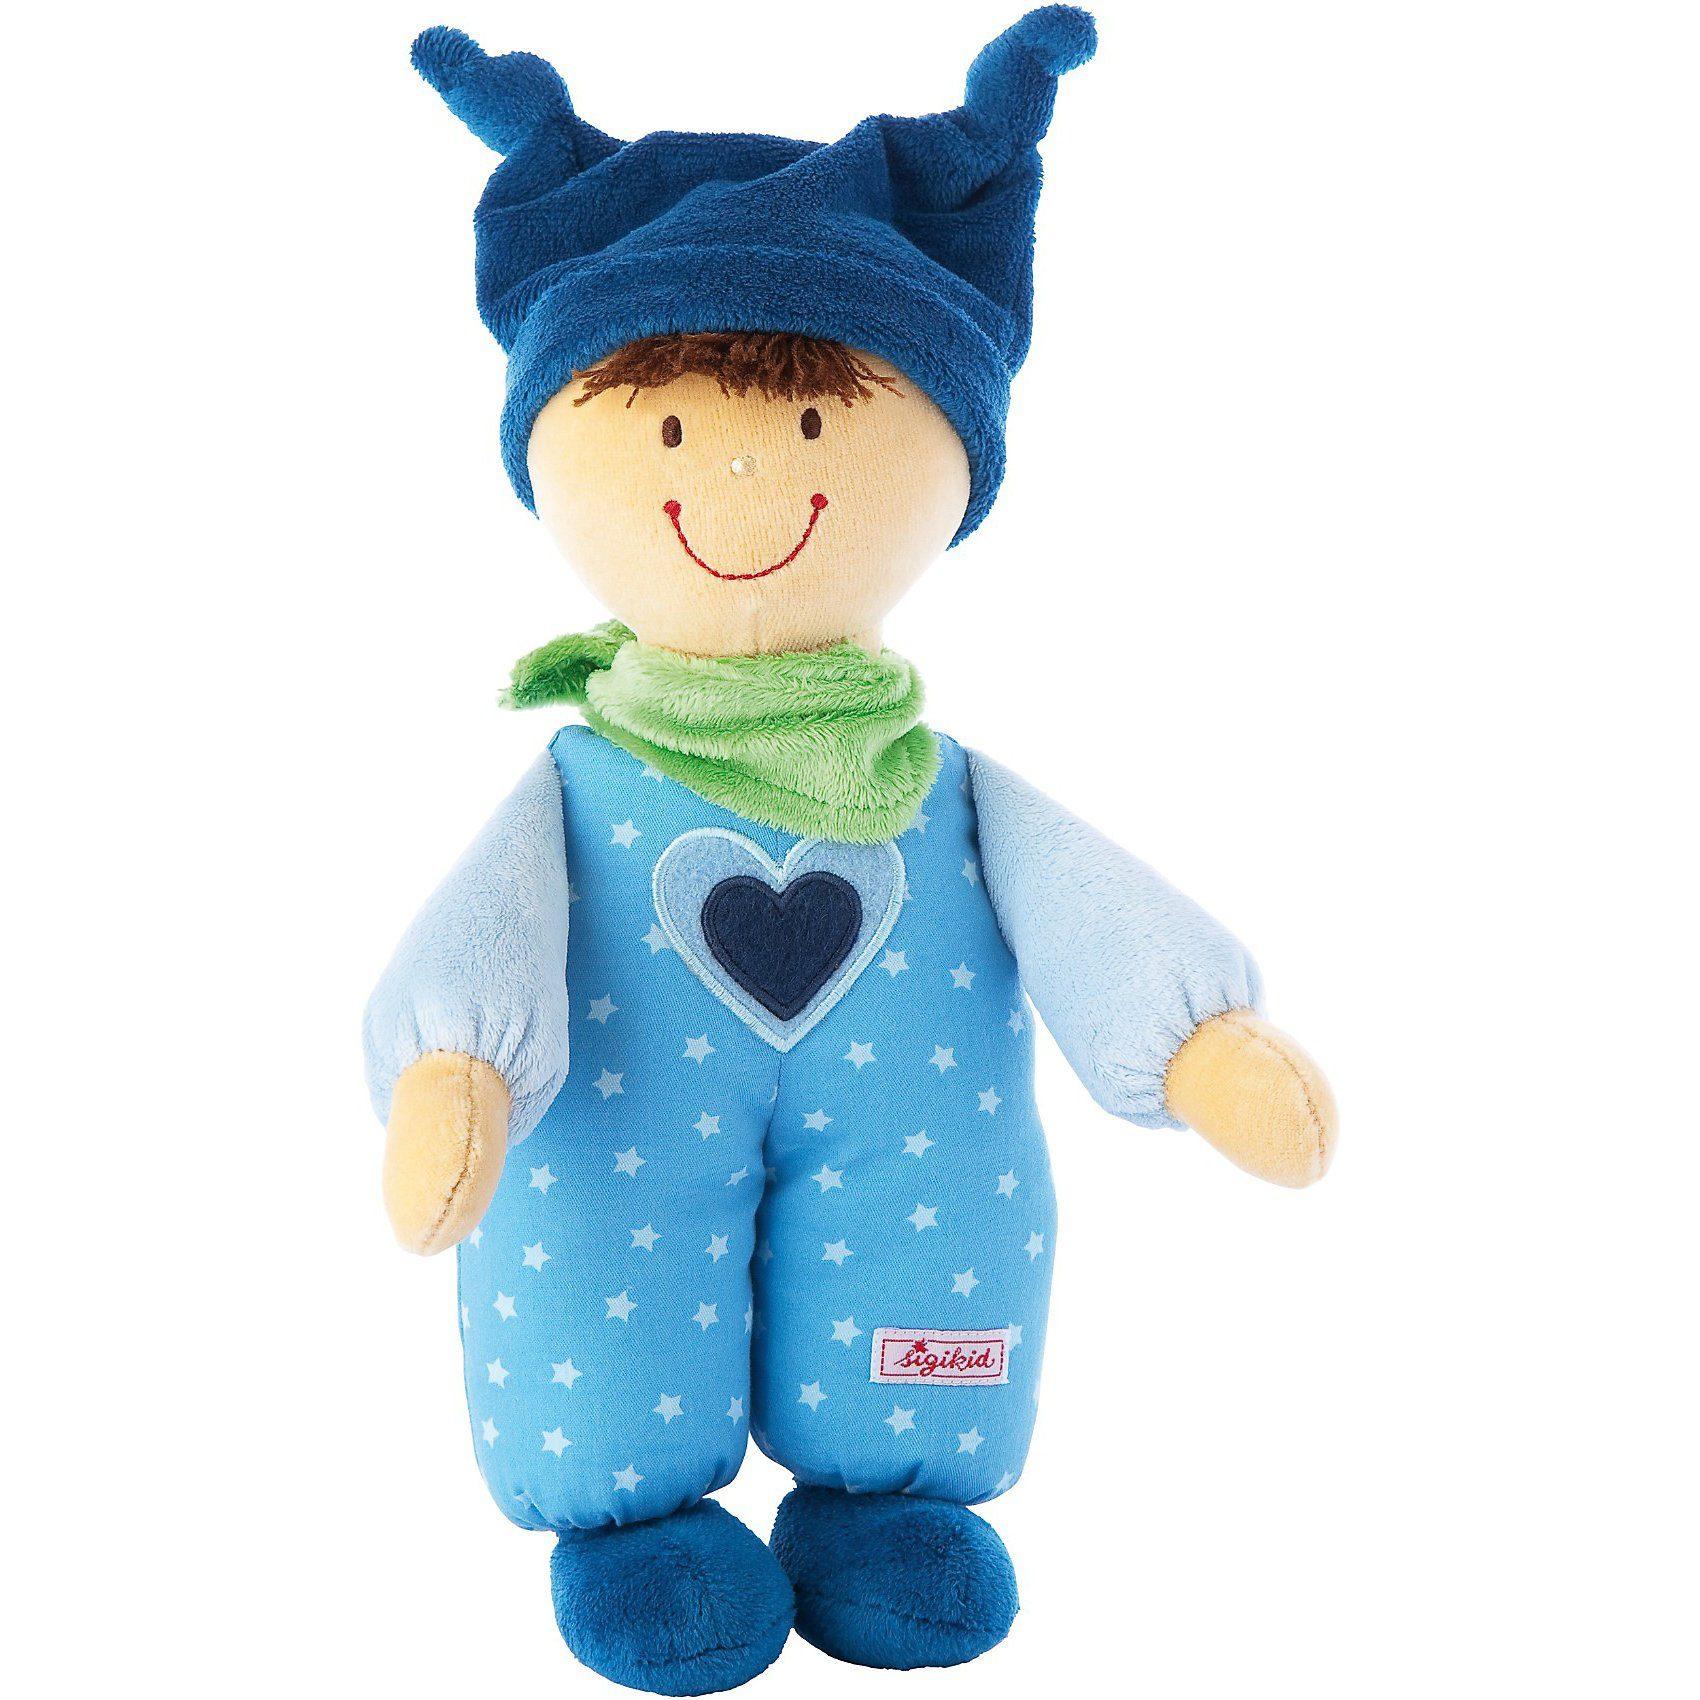 sigikid 49284 Babydolly: Püppchen blau, 24 cm